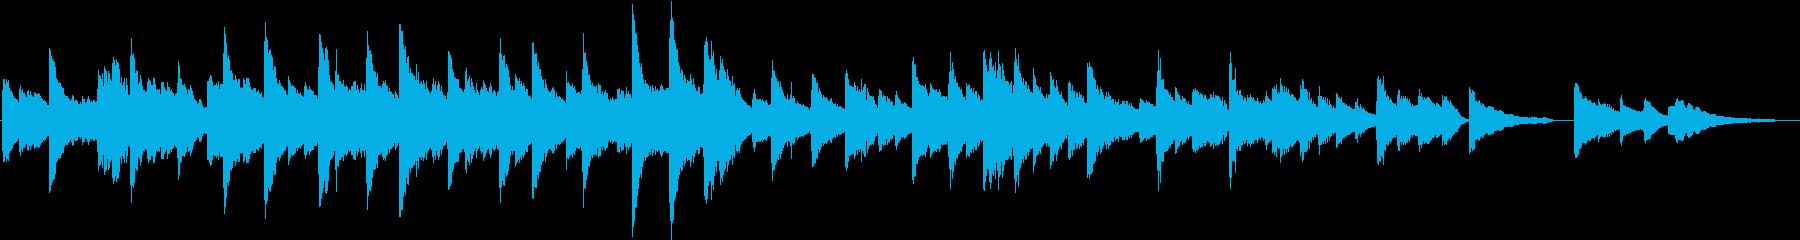 感動的なピアノ曲の再生済みの波形